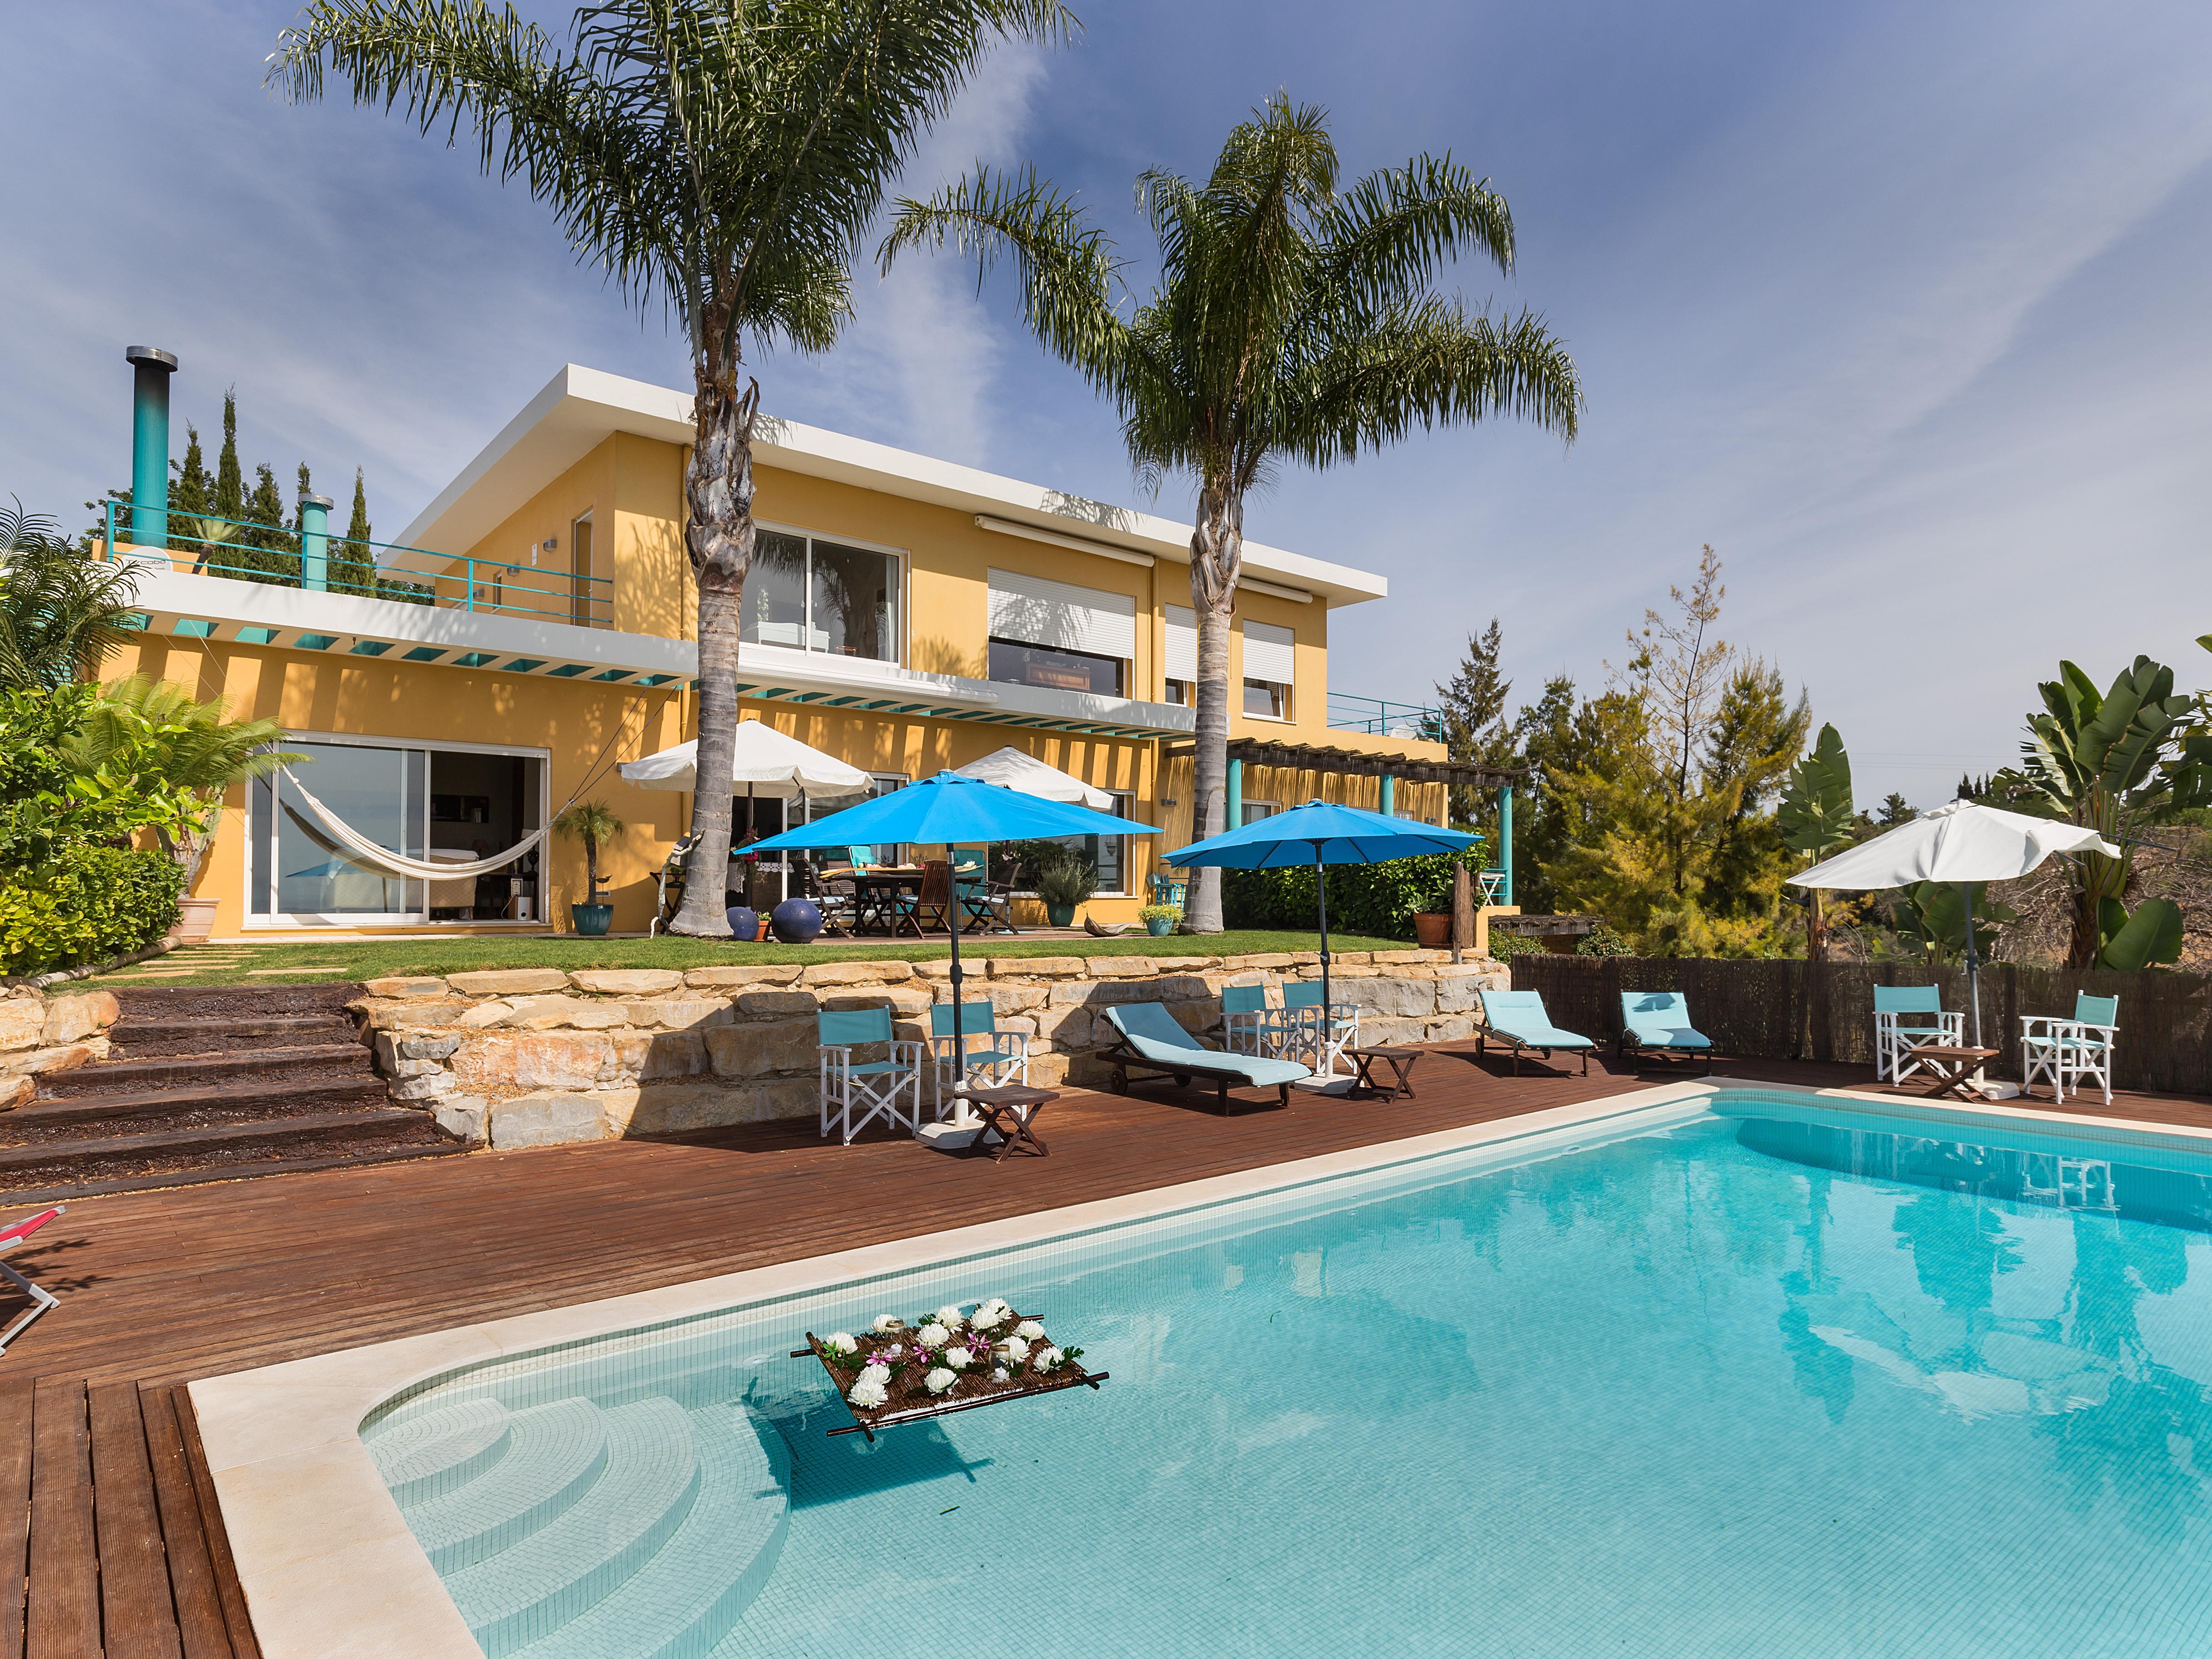 Einfamilienhaus für Verkauf beim Detached house, 5 bedrooms, for Sale Loule, Algarve, Portugal